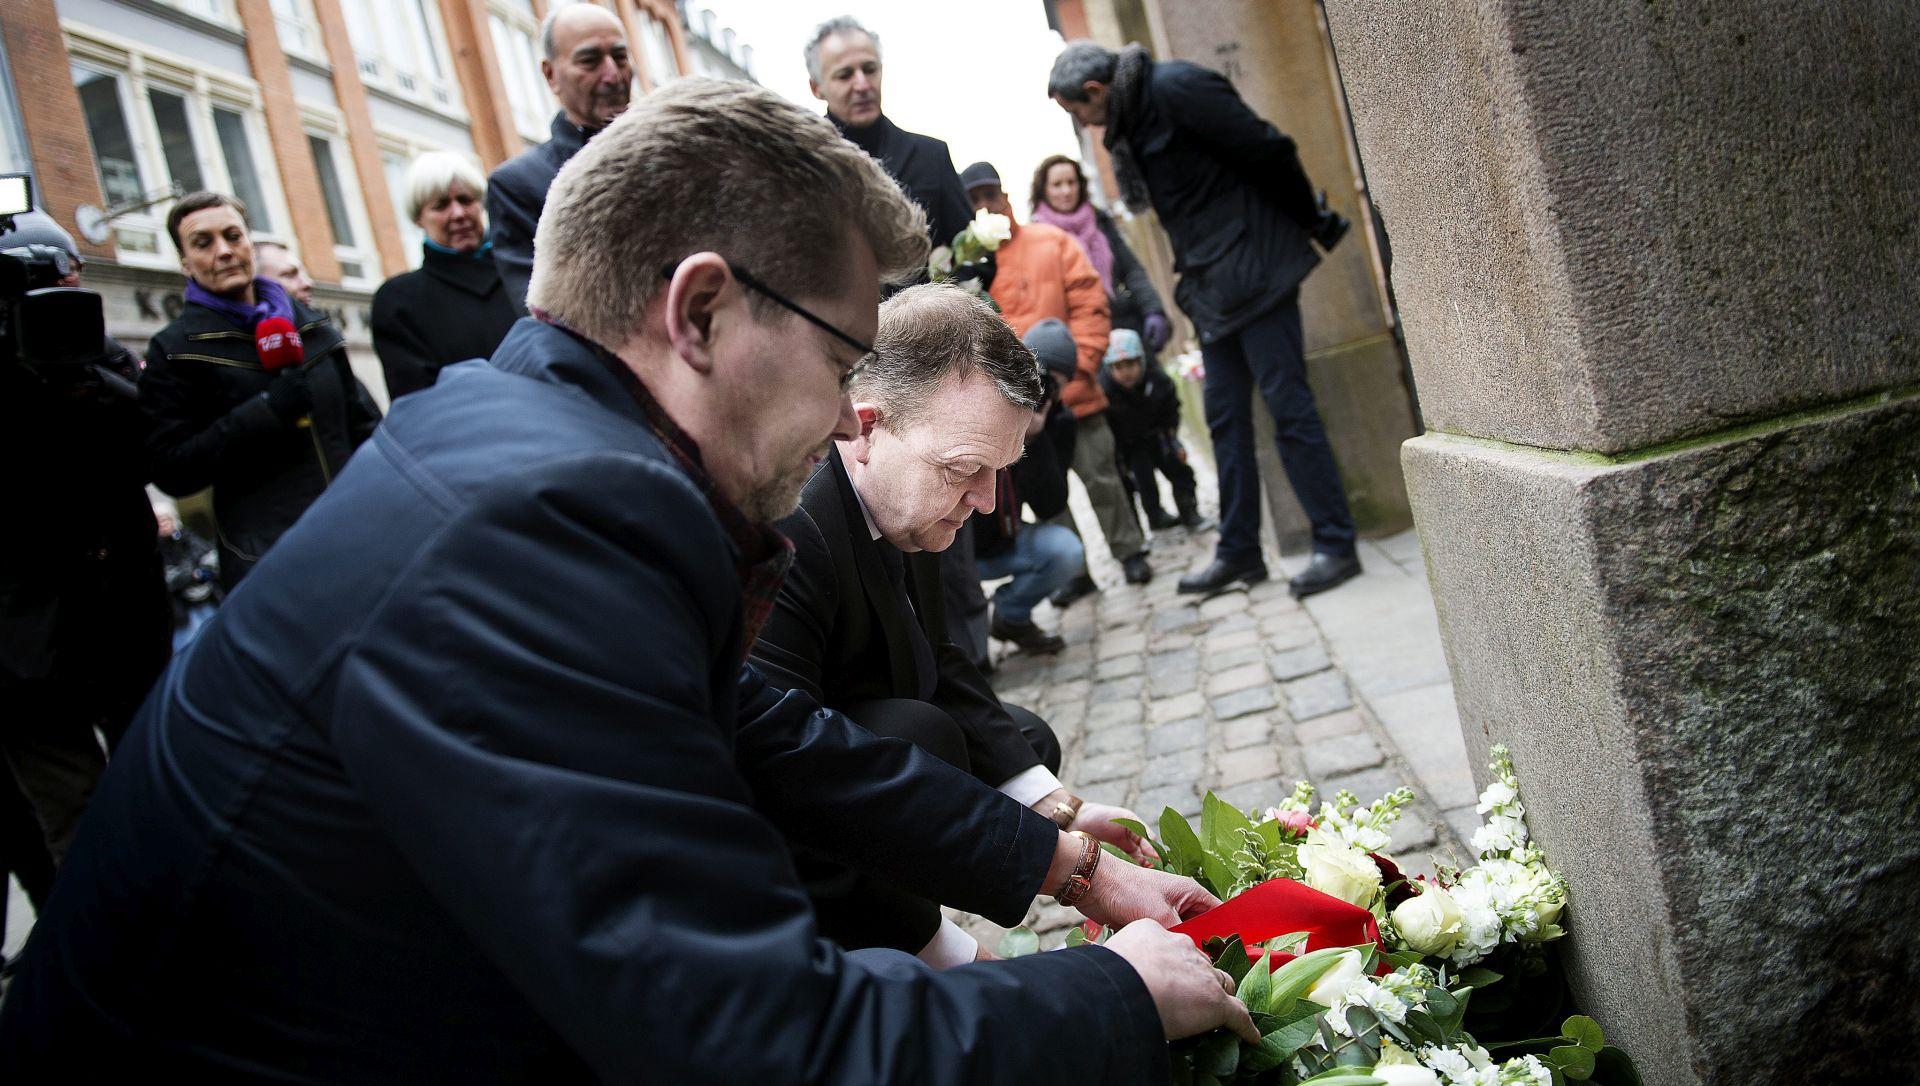 GODINU DANA POSLIJE: Danska se, podijeljena, sjeća napada u Kopenhagenu